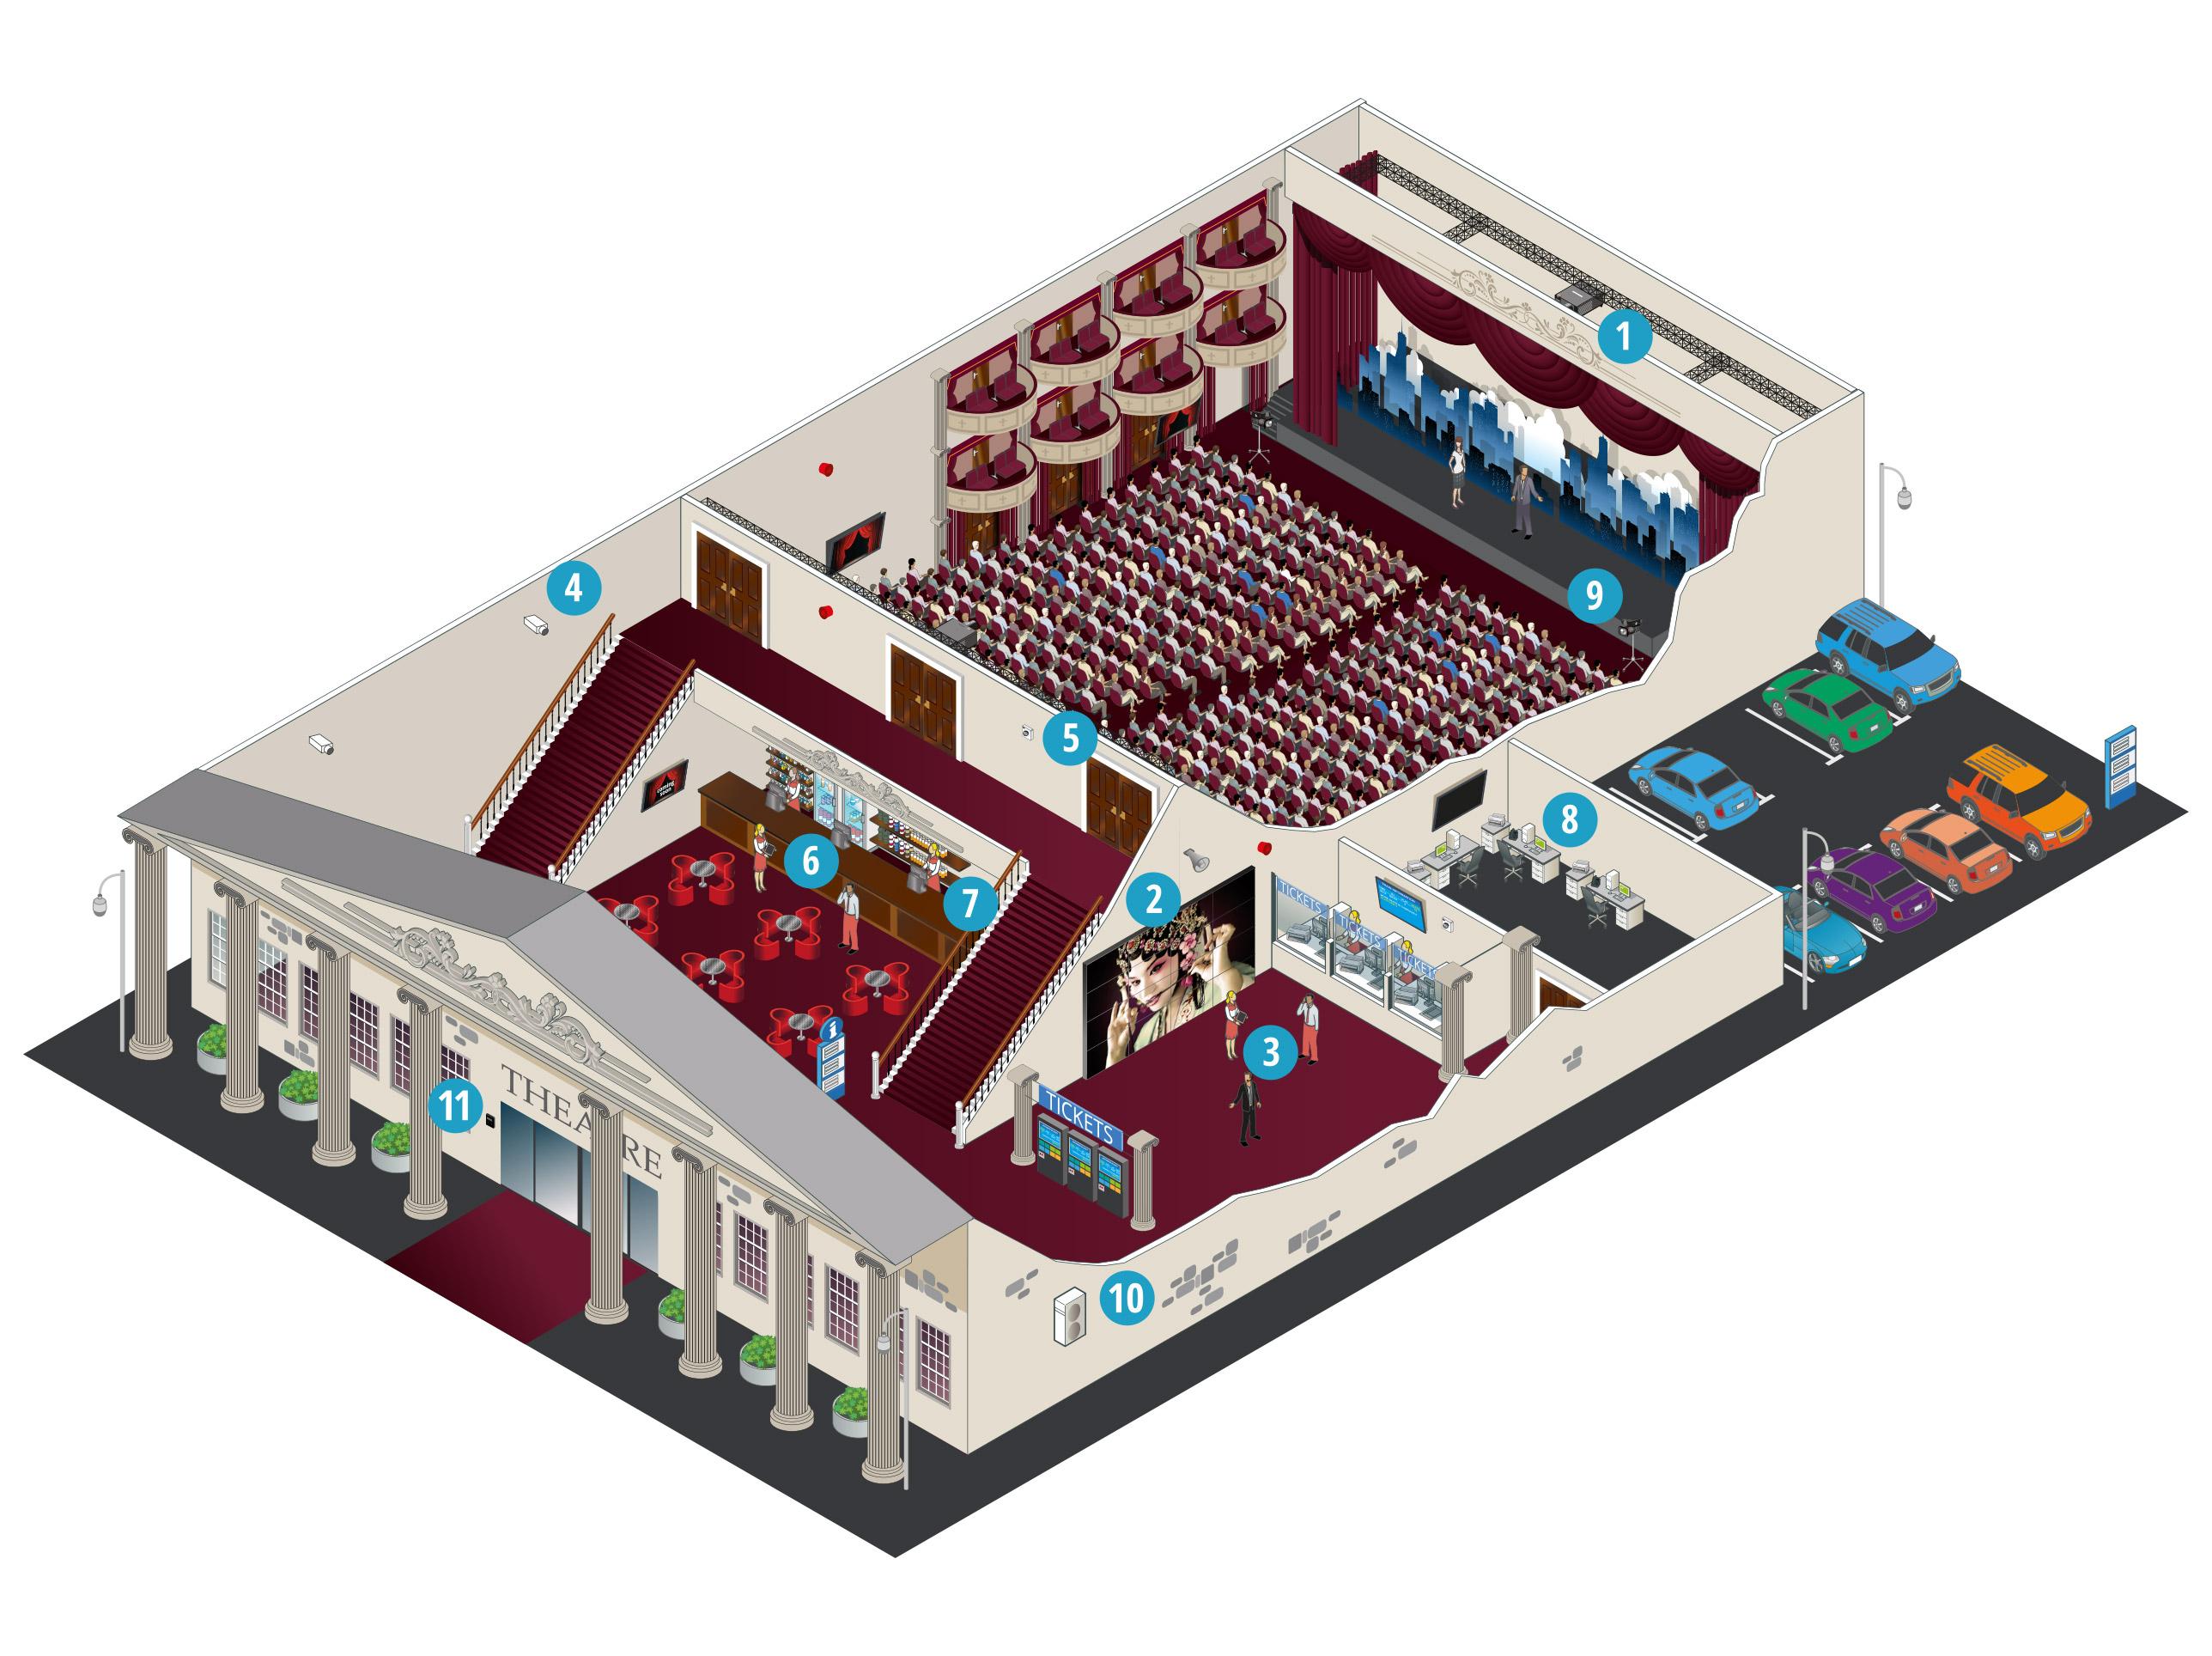 Comment Panasonic aide-t-il les théâtres et les cinémas?